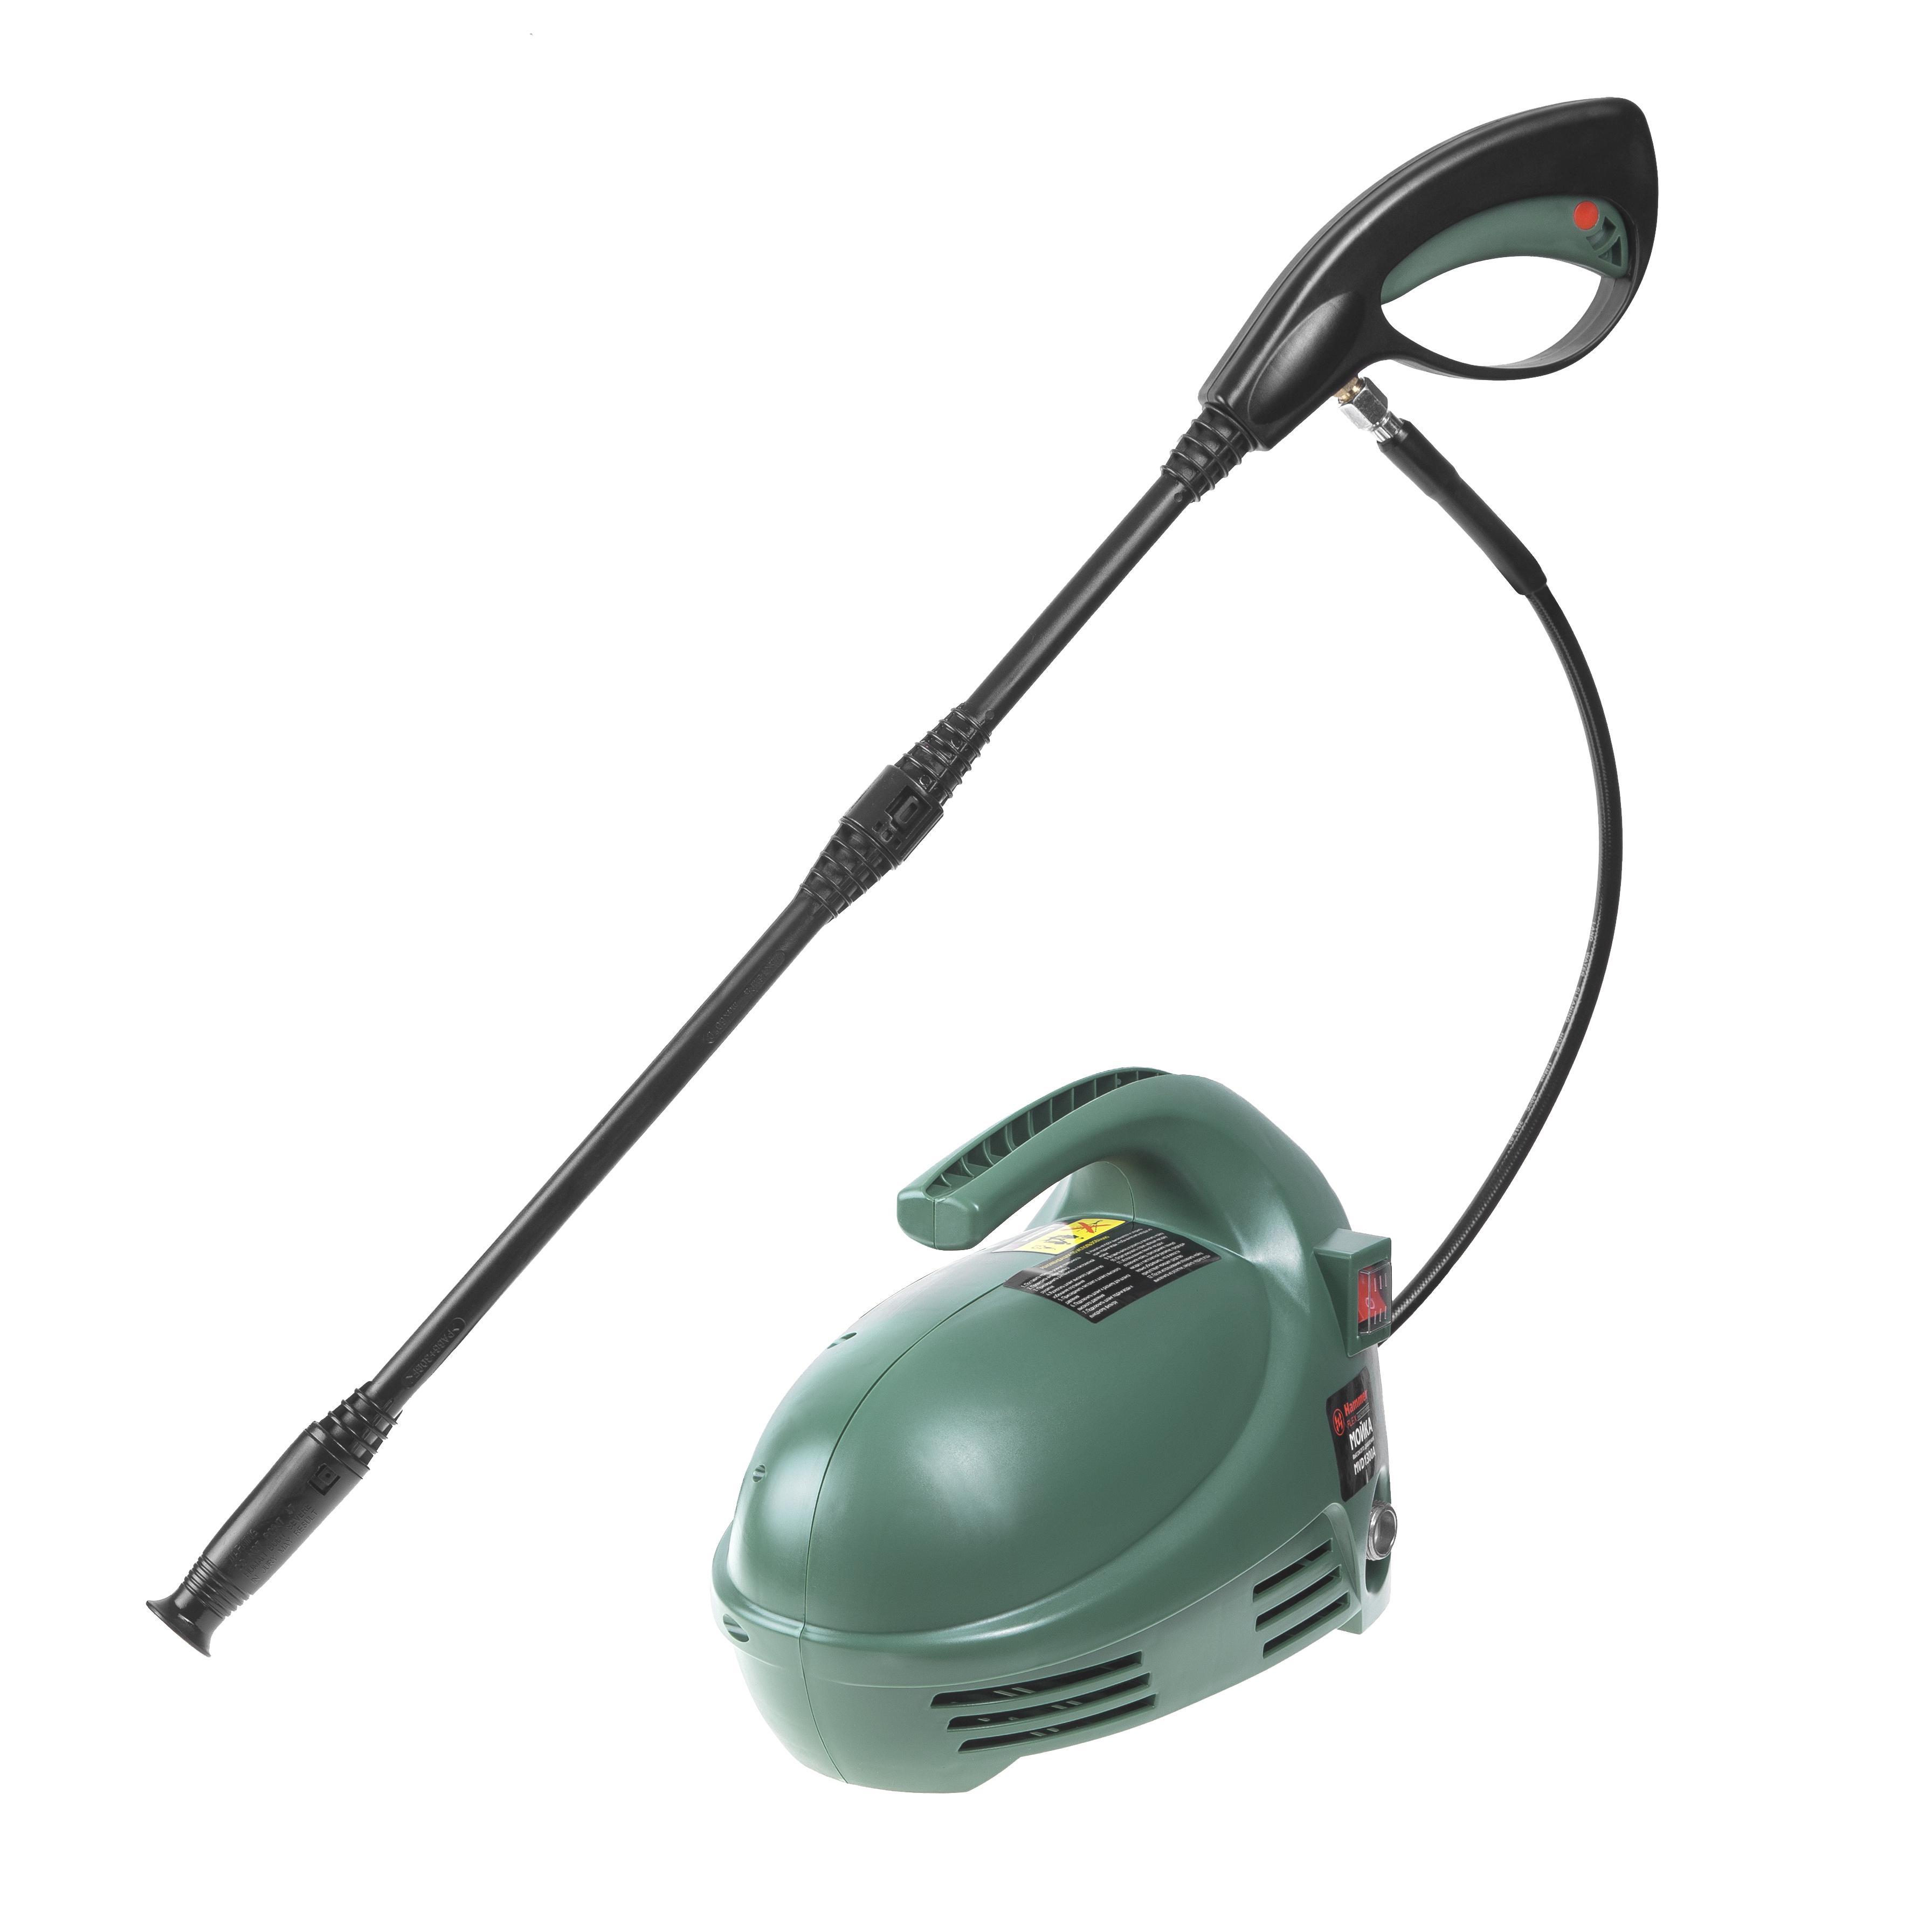 Мойка высокого давления Hammer Mvd1300a автомойка hammer flex mvd1300a